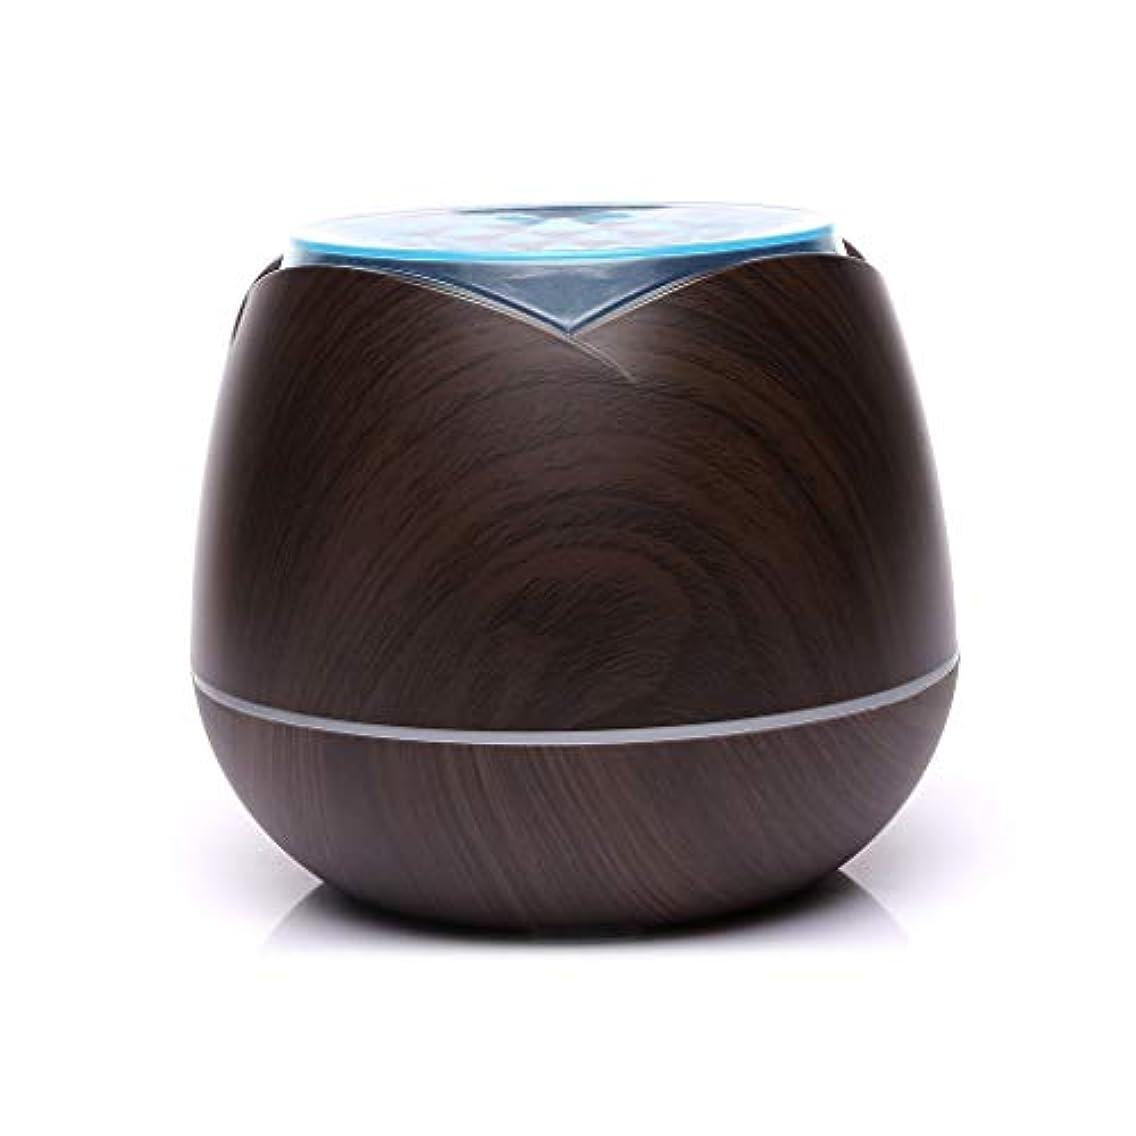 毎月群れ大混乱涼しい霧の空気加湿器、家、ヨガ、オフィス、鉱泉、寝室のために変わる色LEDライトと超音波400ml - 木目 - (Color : Dark wood grain)